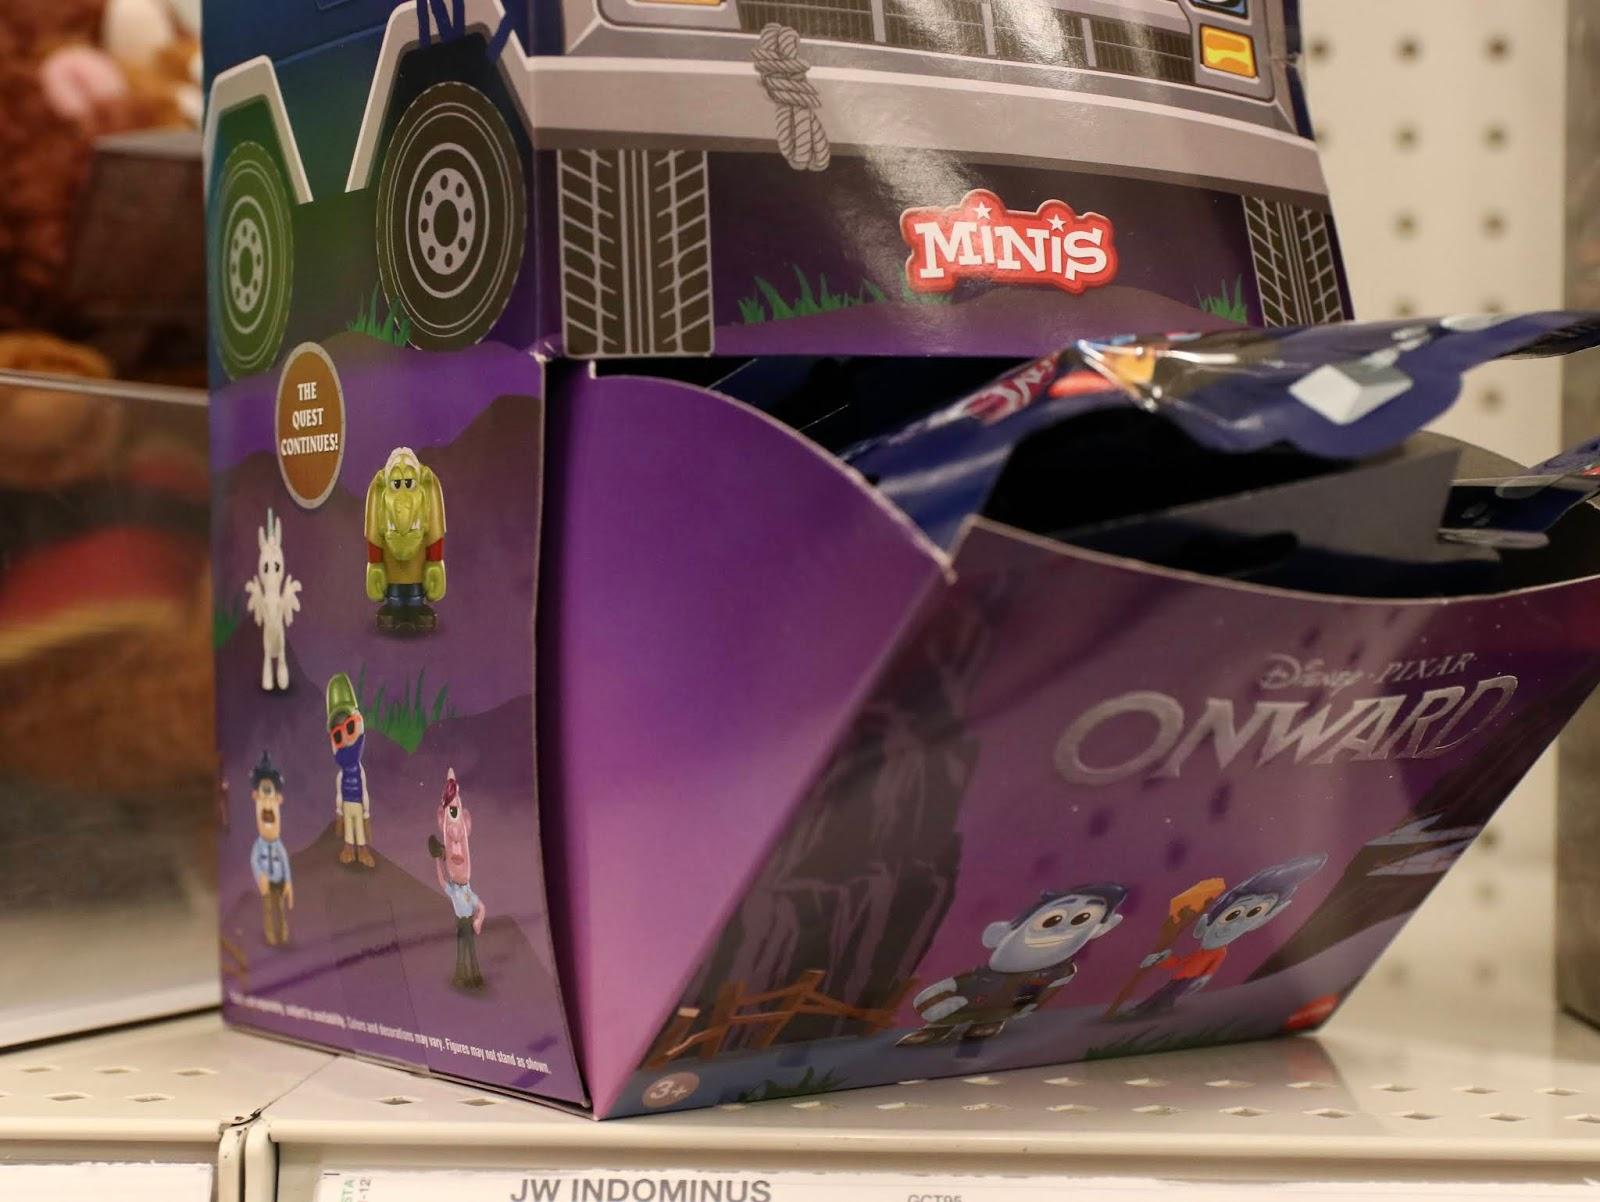 Pixar onward toys minis mattel